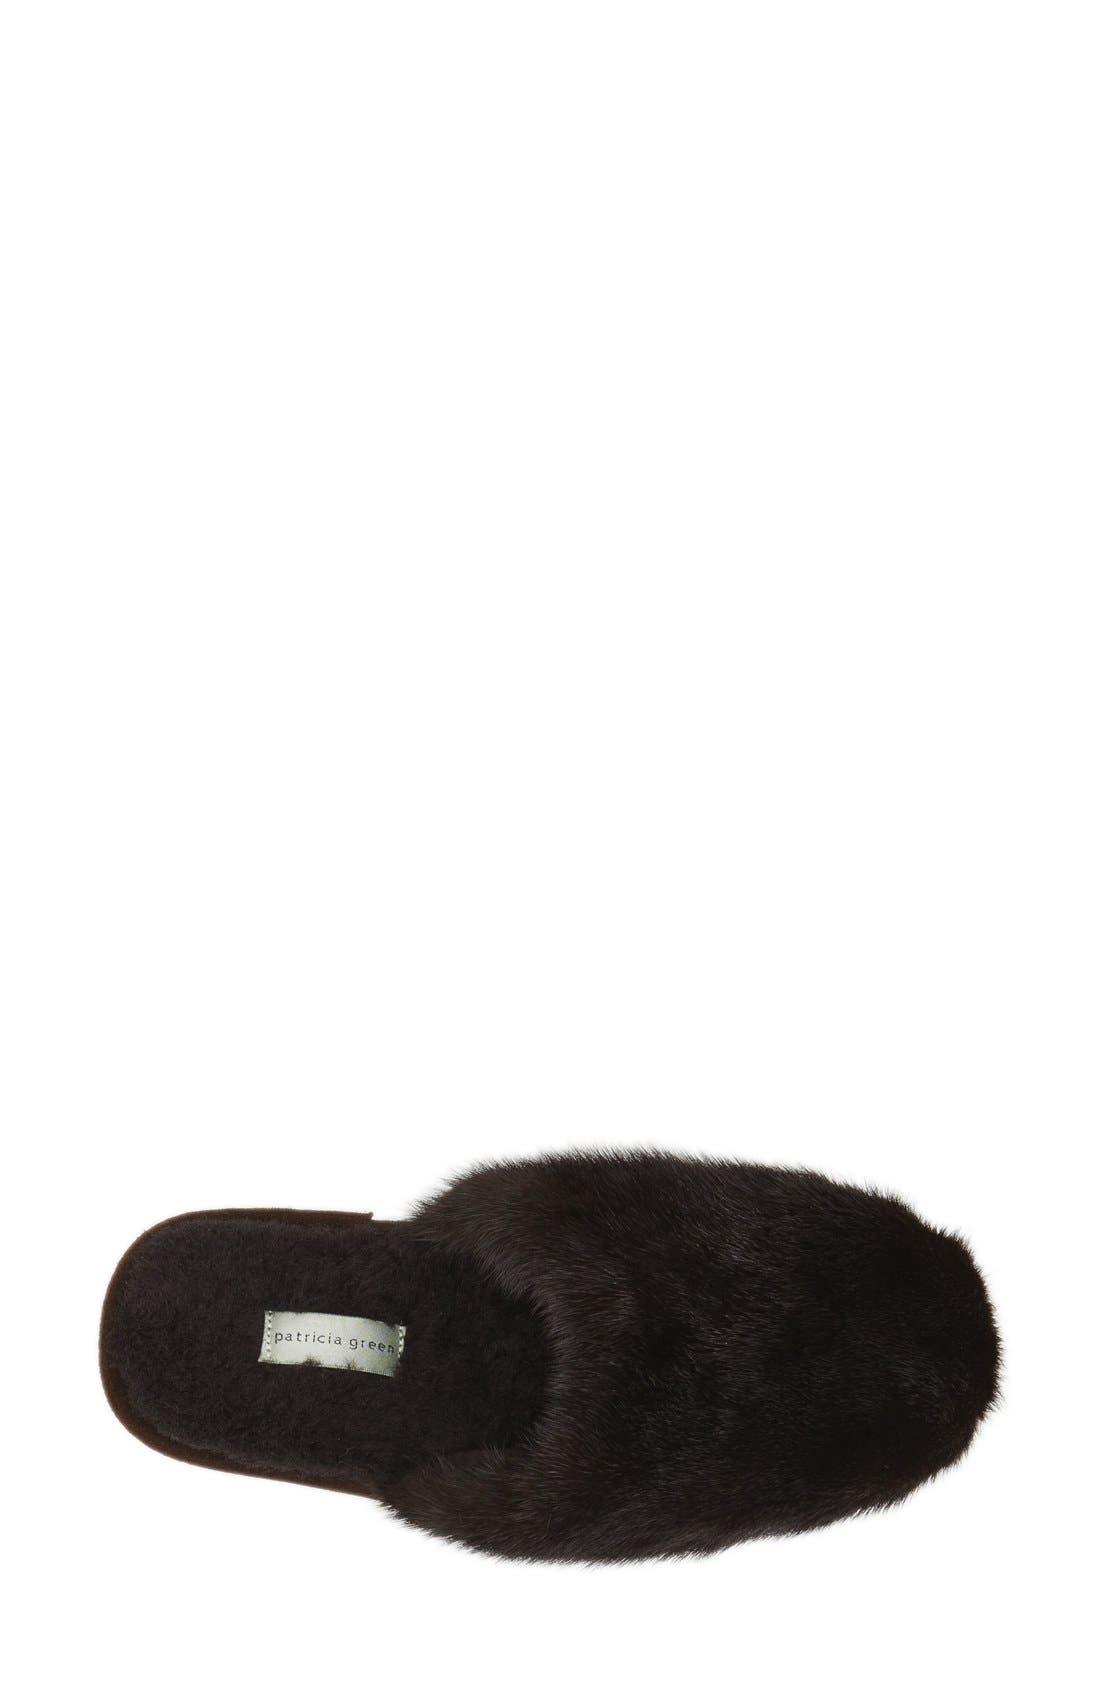 'Whistler' Genuine Mink Fur Slipper,                             Alternate thumbnail 2, color,                             215